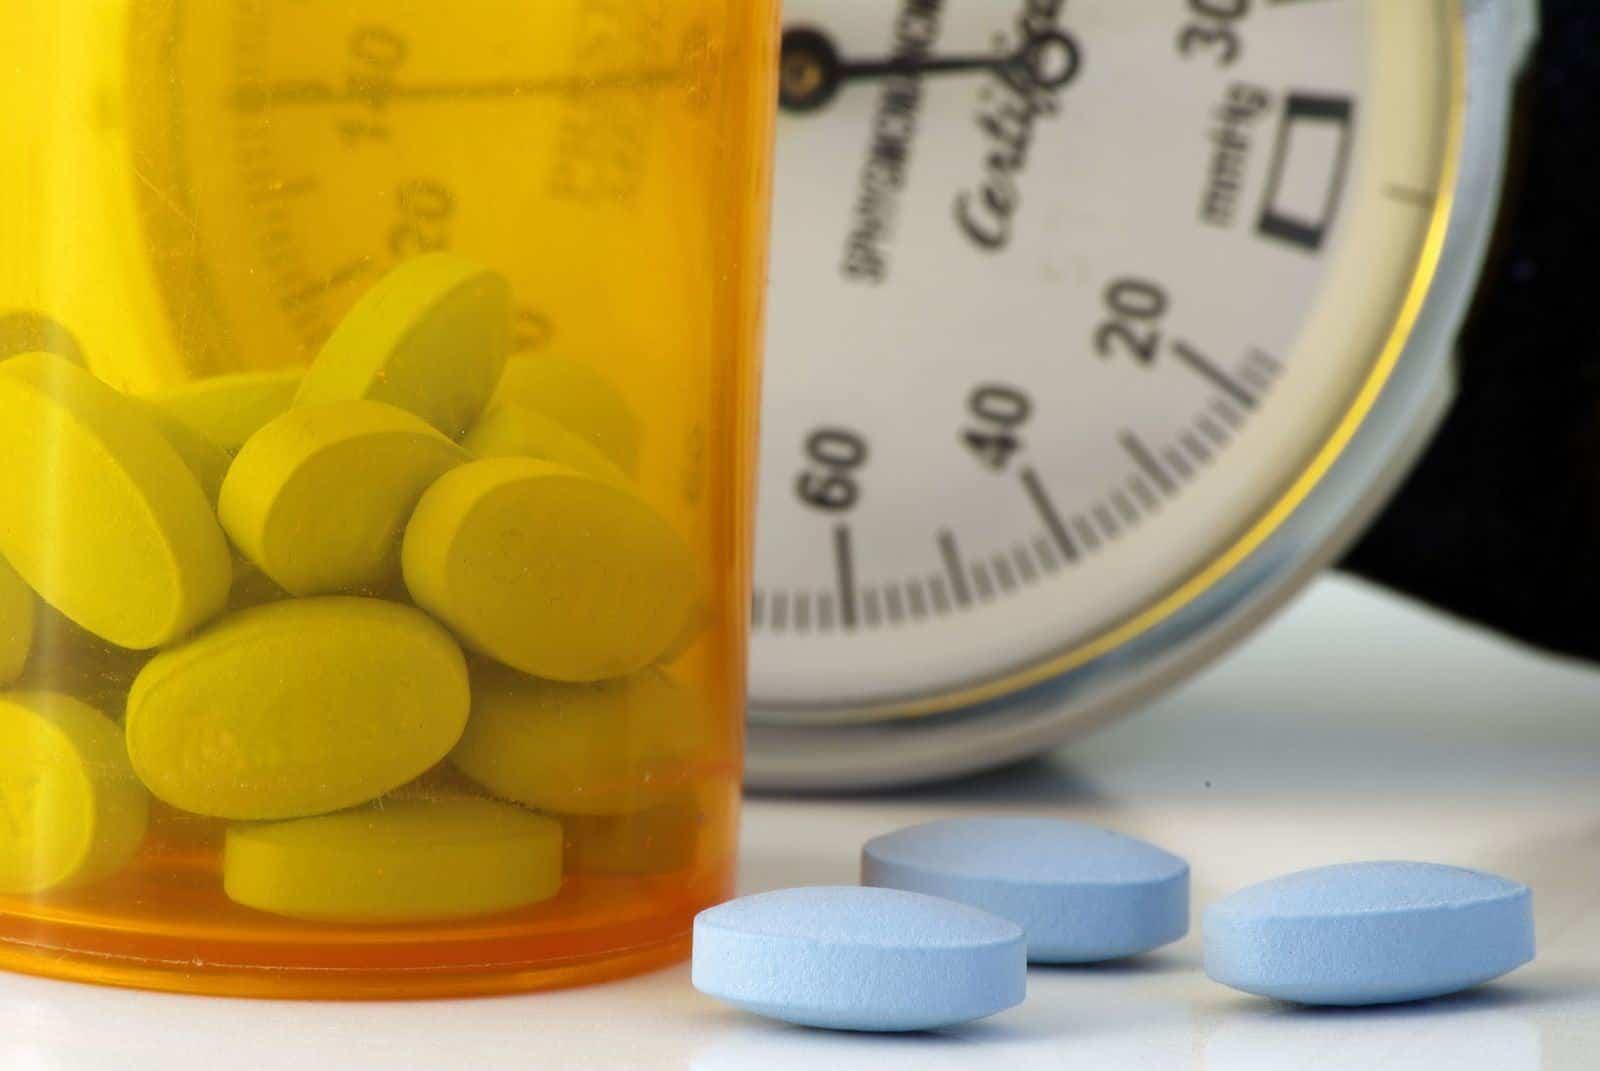 thoi gian de cho sildenafil co tac dung 4434 - Thời gian để cho sildenafil có tác dụng?